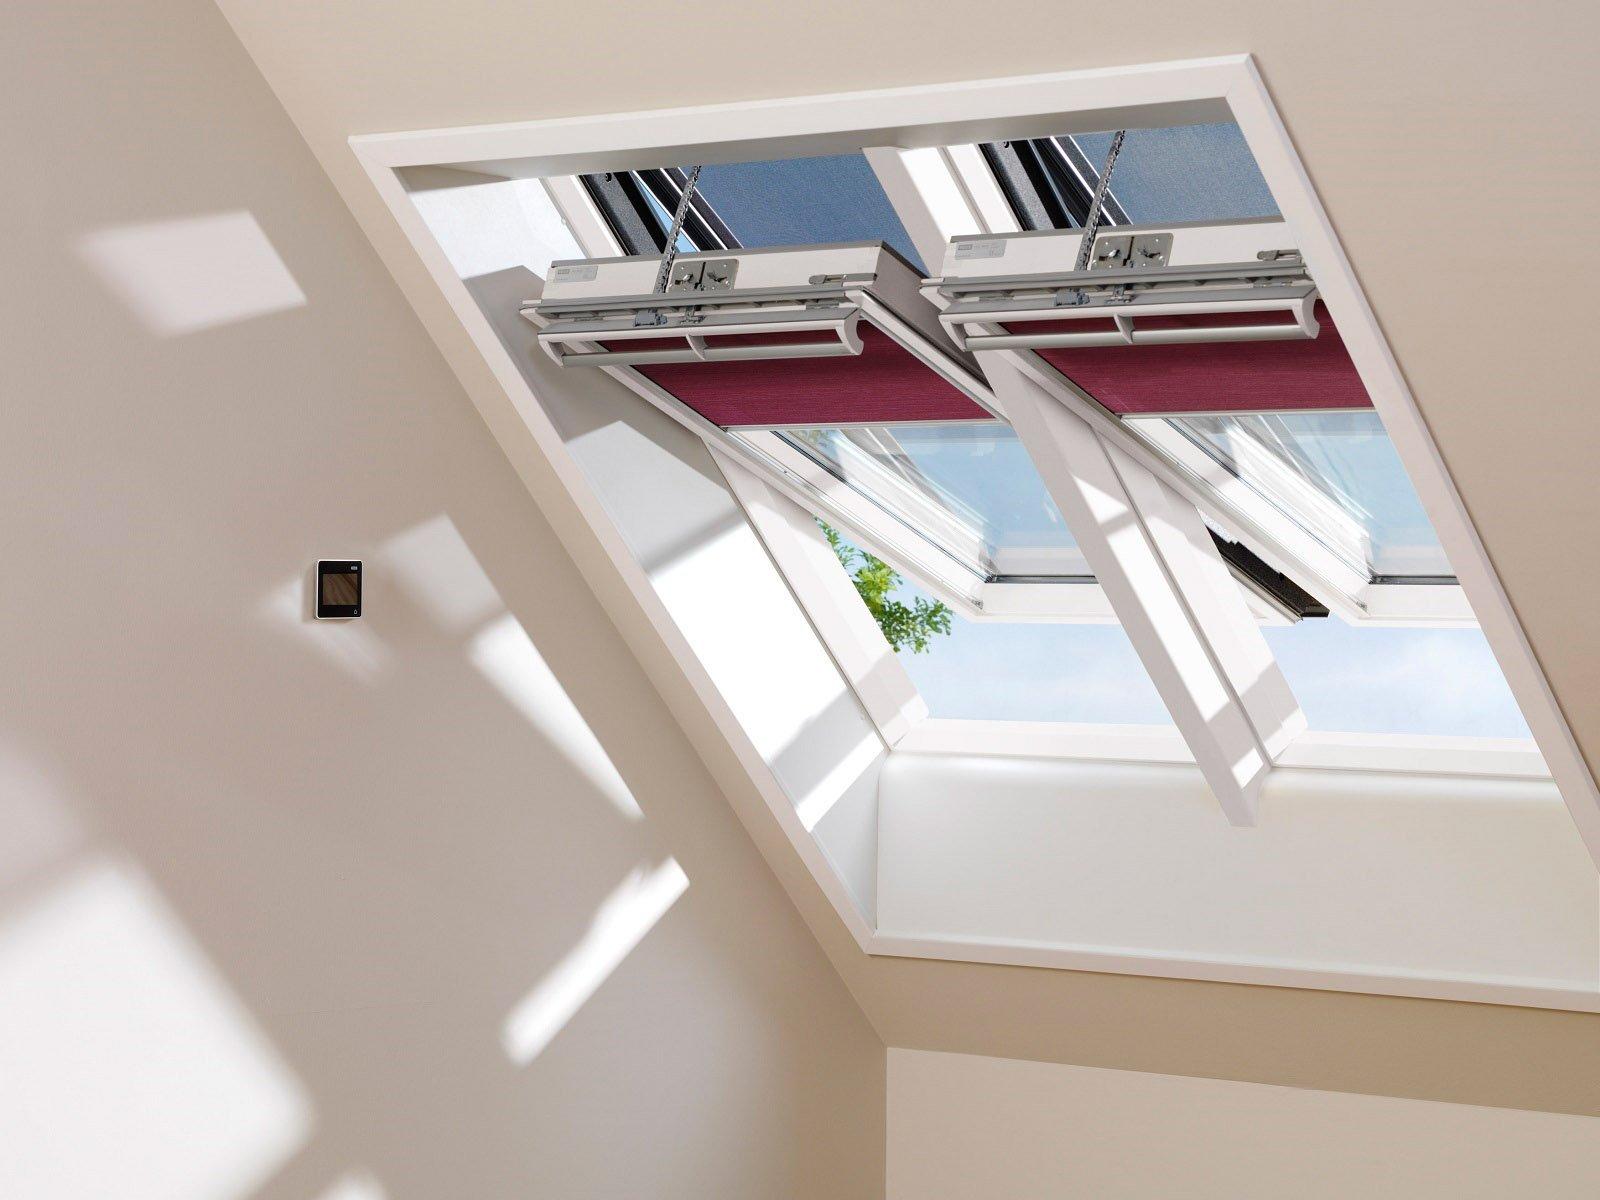 Casa sicura con tetto e finestra a prova di infiltrazioni for Finestre velux per tetti